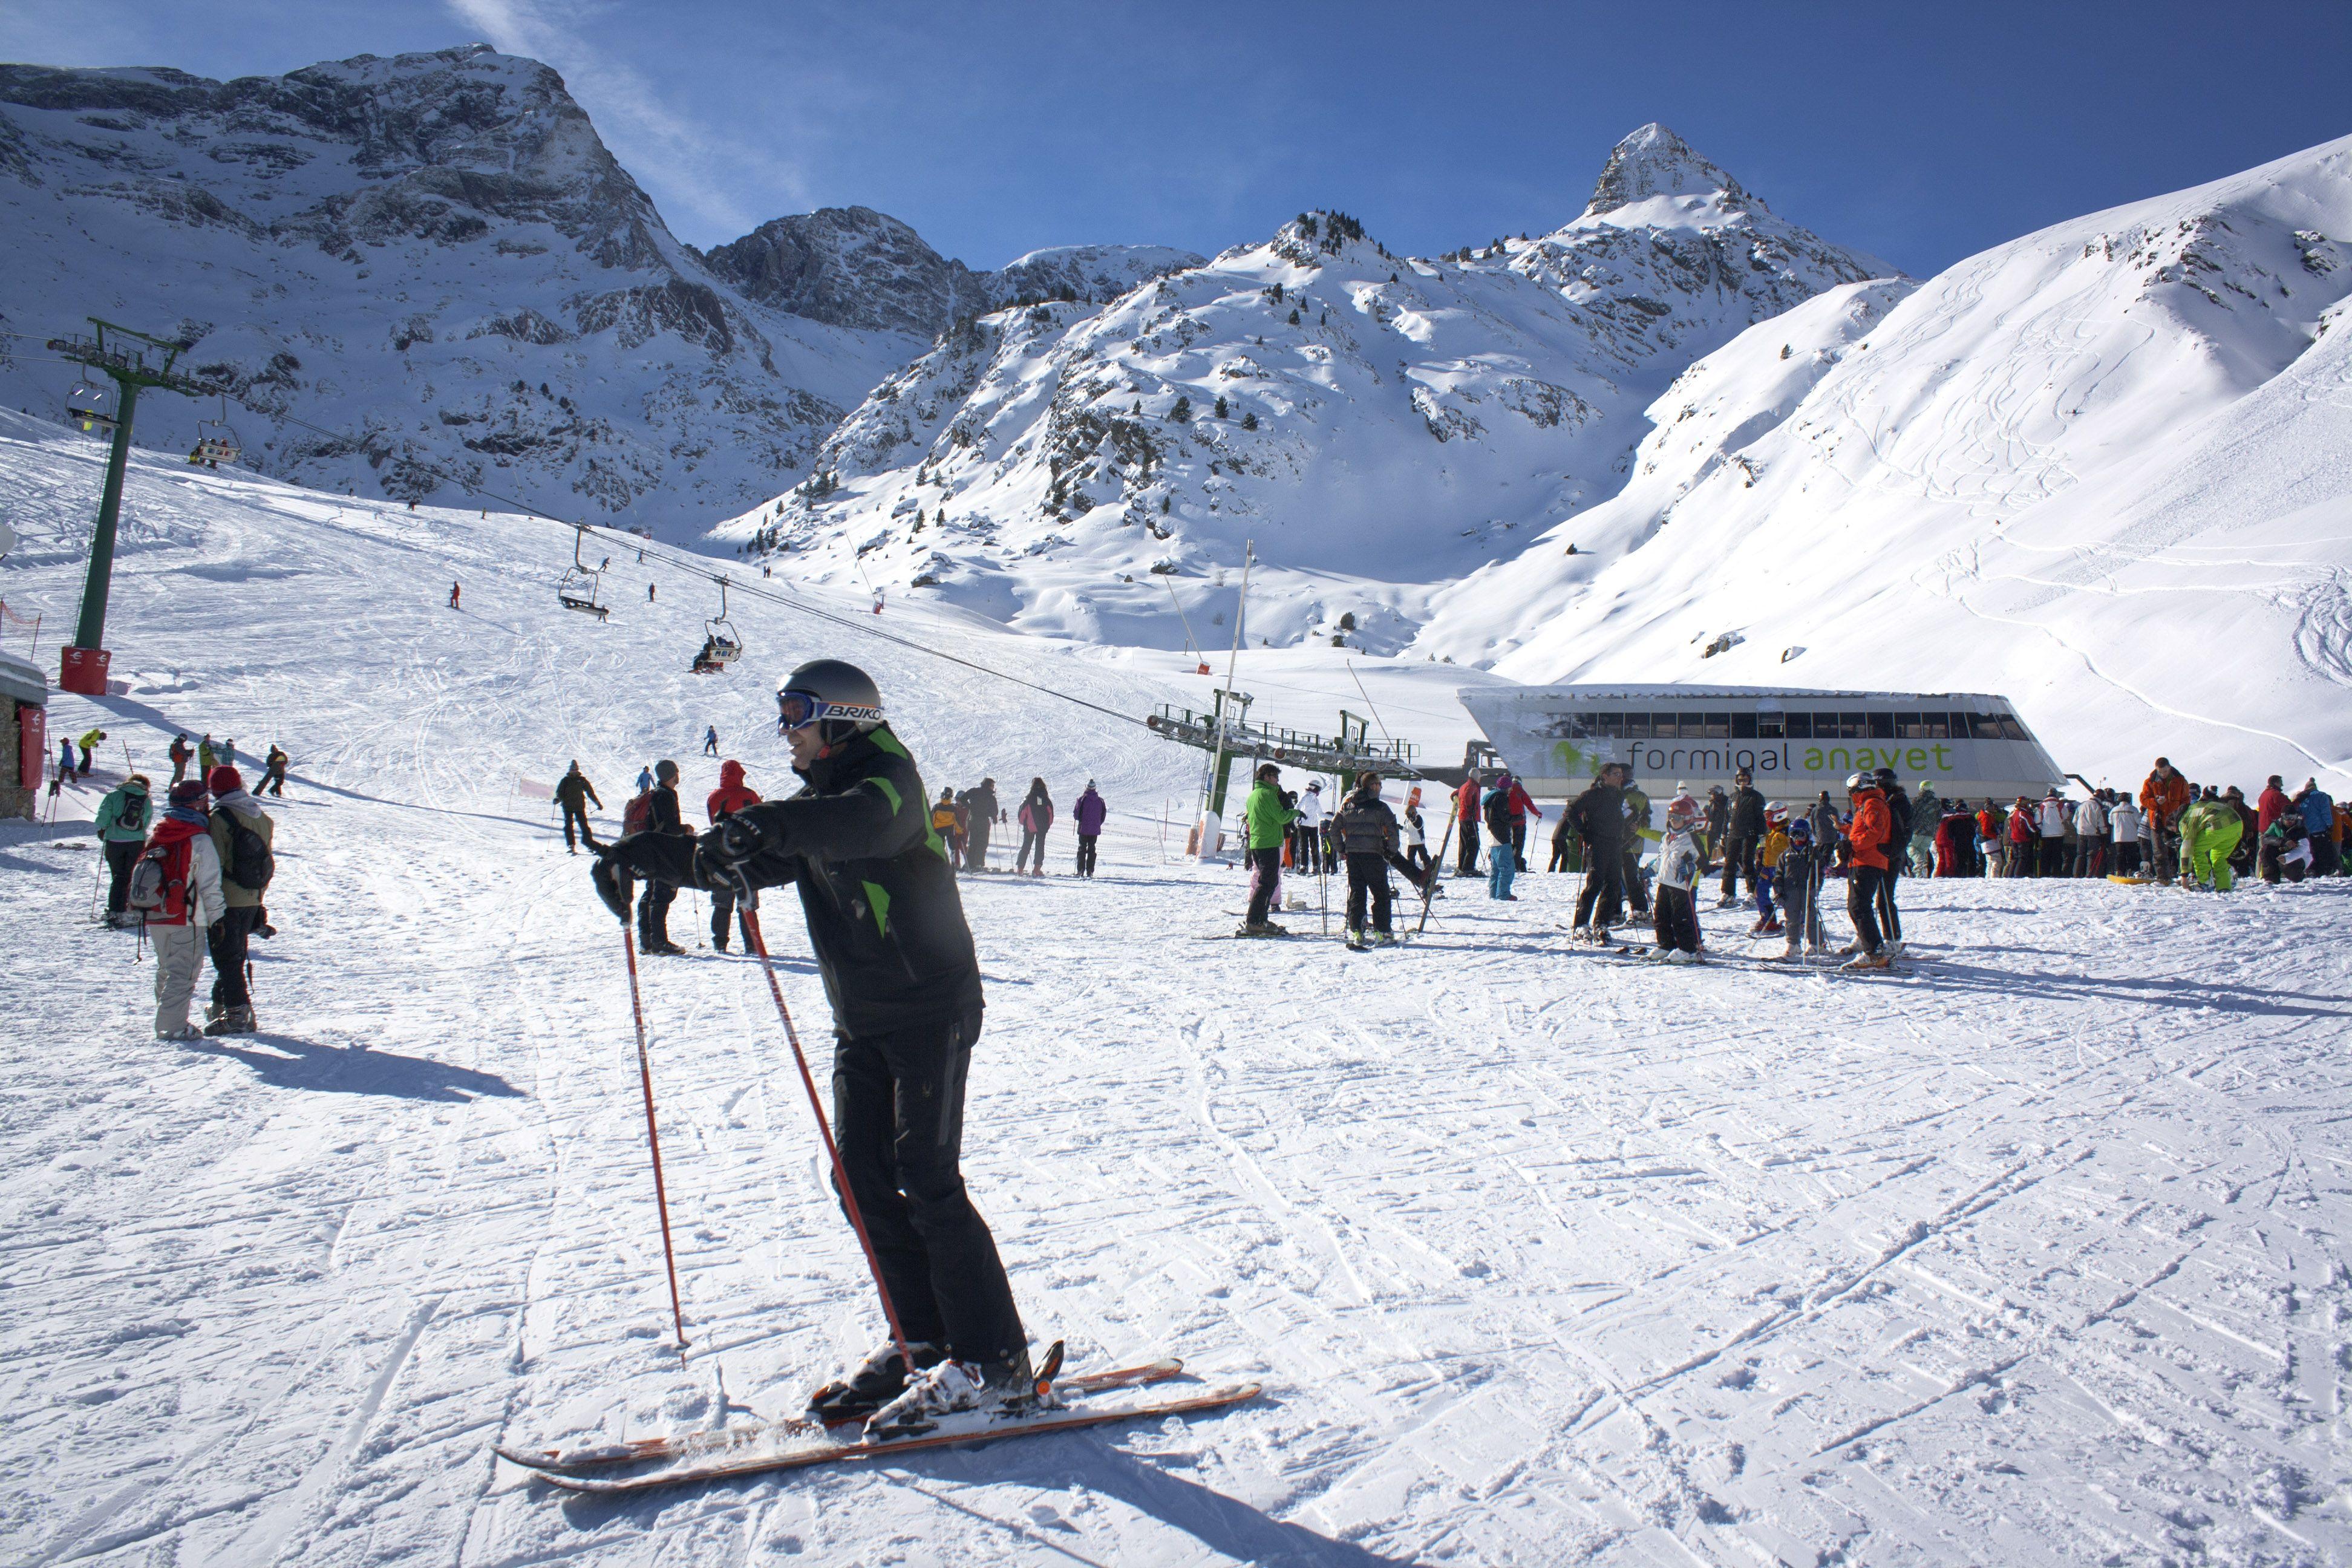 Estación De Esquí Formigal Con Viajart Com Landmarks Natural Landmarks Travel